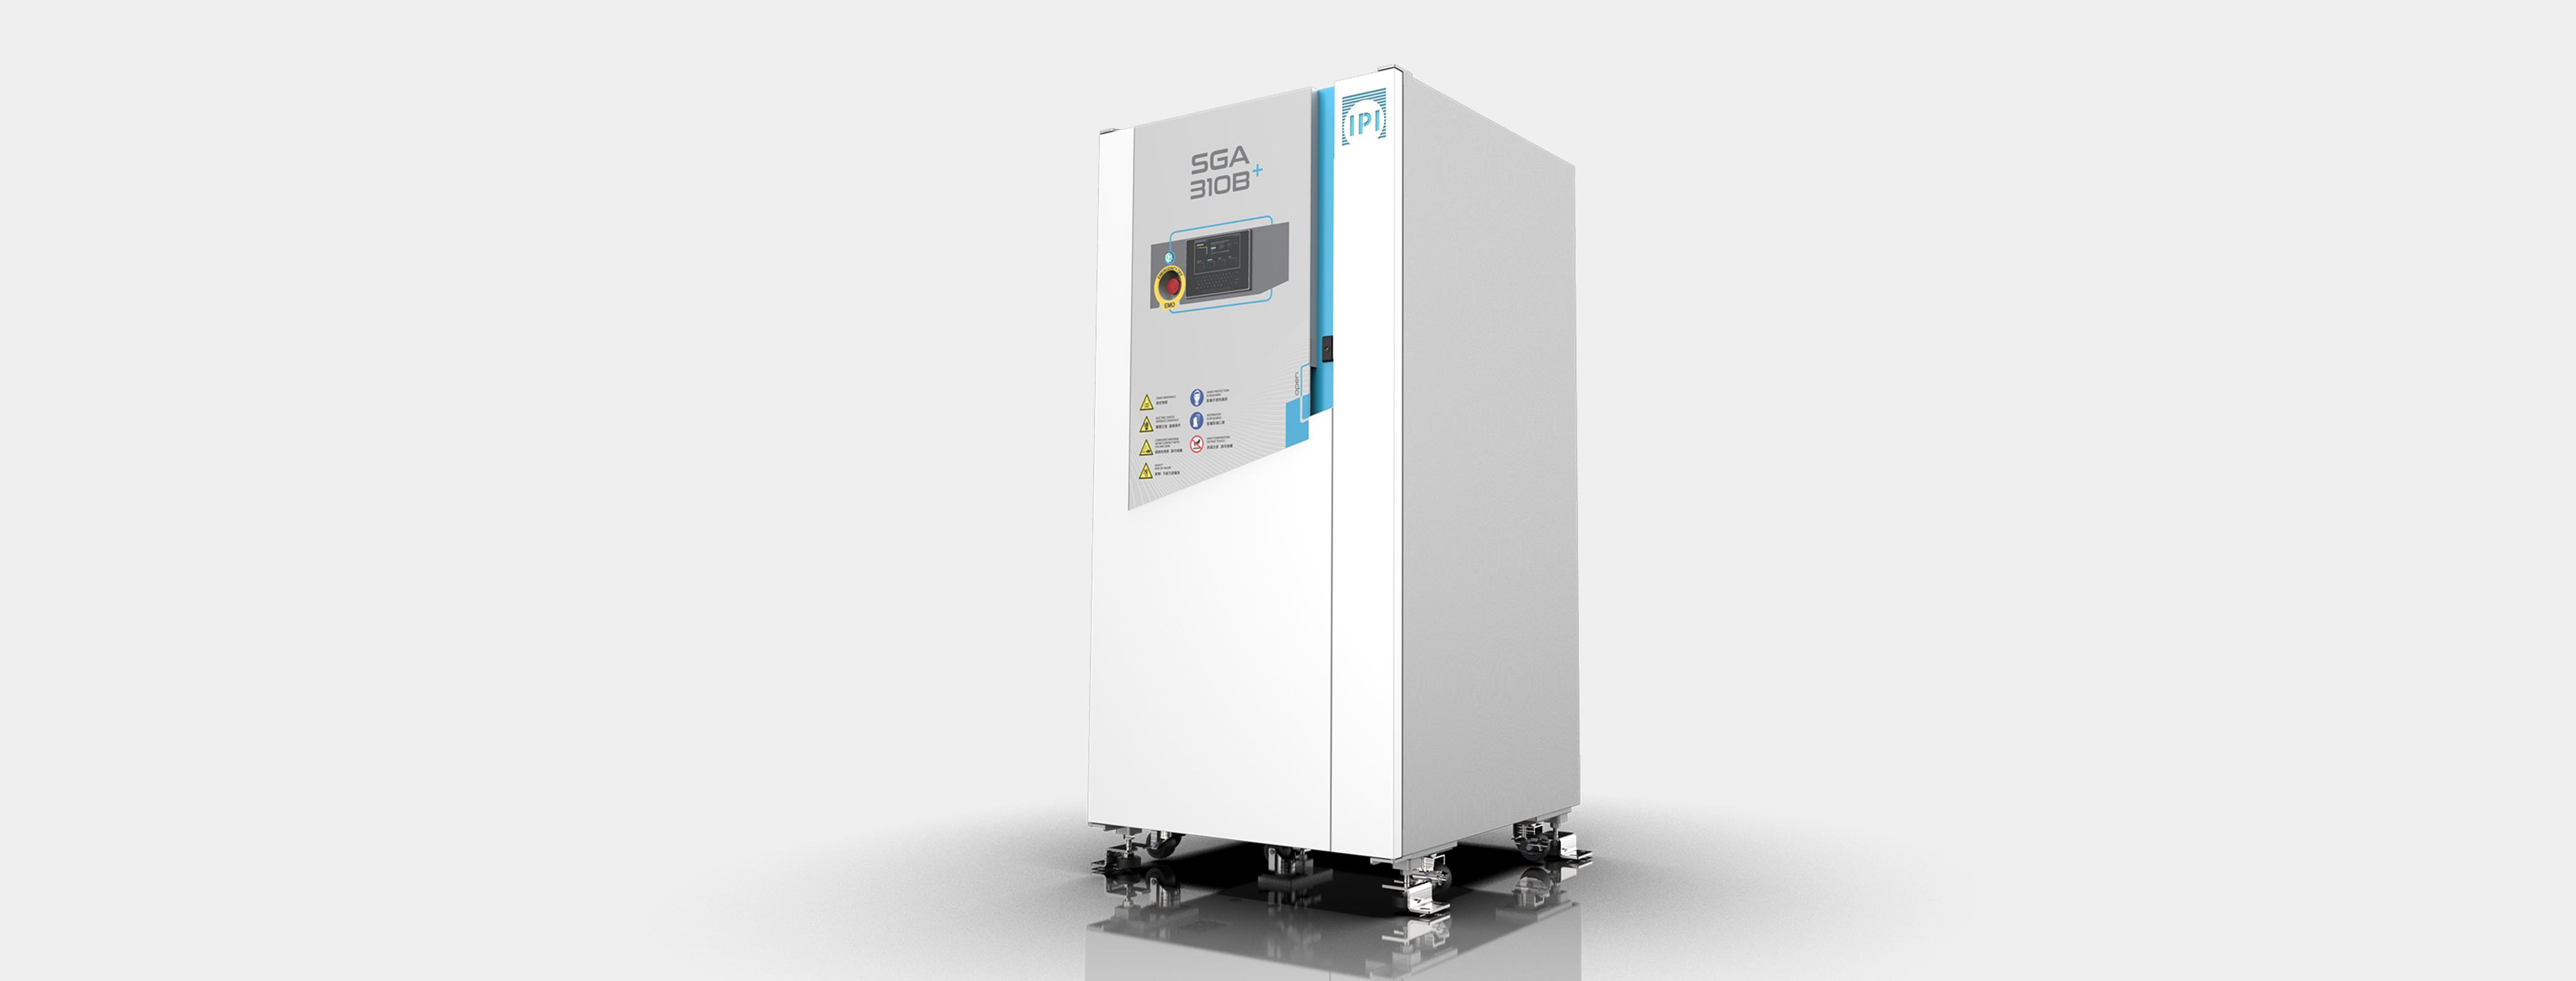 臺禹科機 - 廢氣處理設備 SGA-310B+